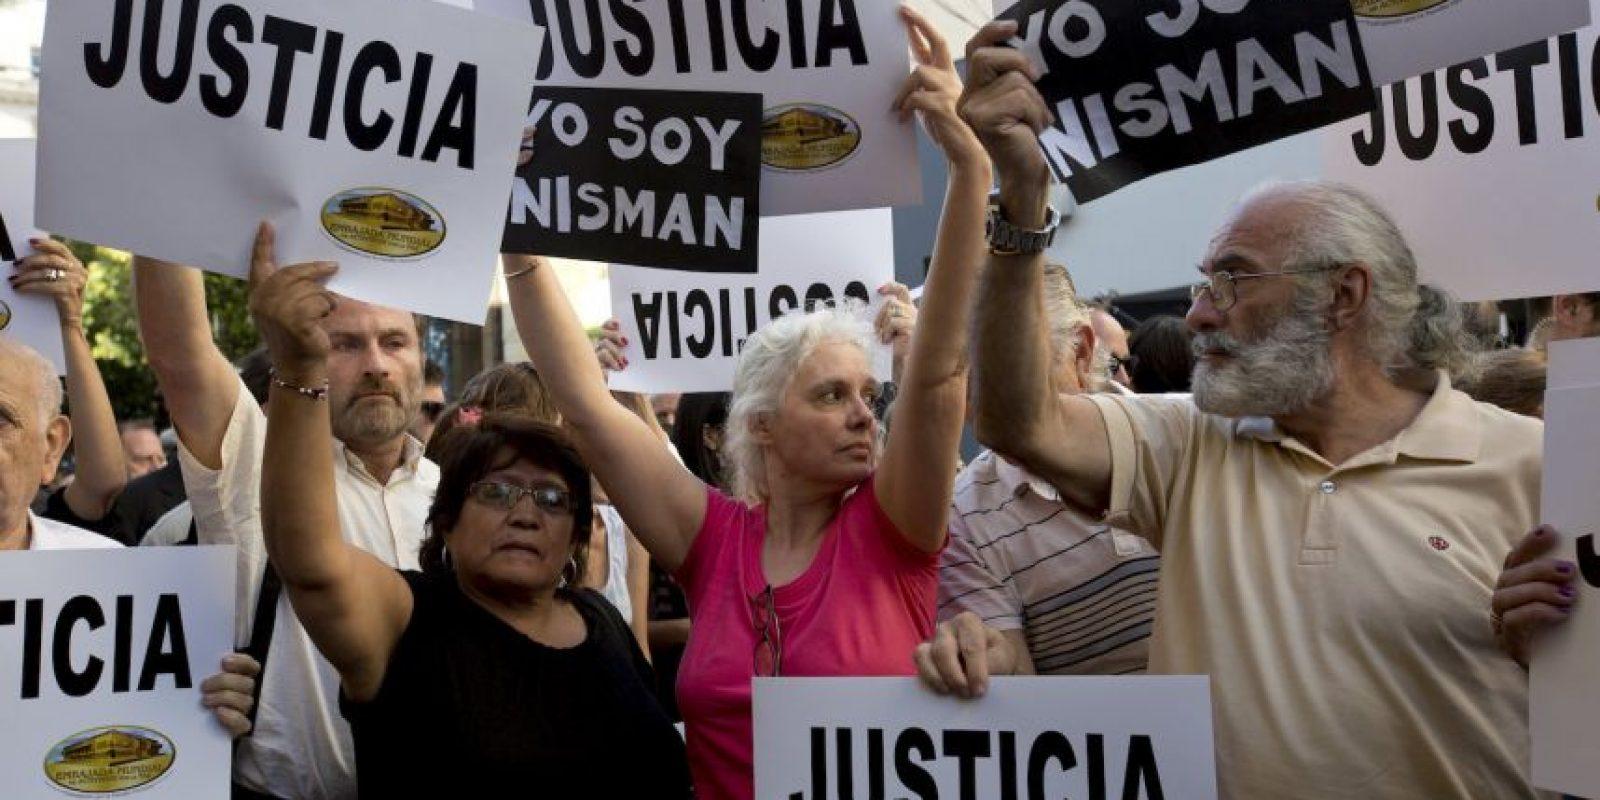 """9. Al respecto hablamos con el catedrático chileno Raúl Sohr, quien comenta: """"Es un caso extremadamente complejo, en el cual hay que establecer primero la verdad"""". Además añade: """"Si las acusaciones del fiscal son ciertas, el daño puede ser de gran tamaño para el gobierno de la Presidenta Fernández"""". Foto:AP"""